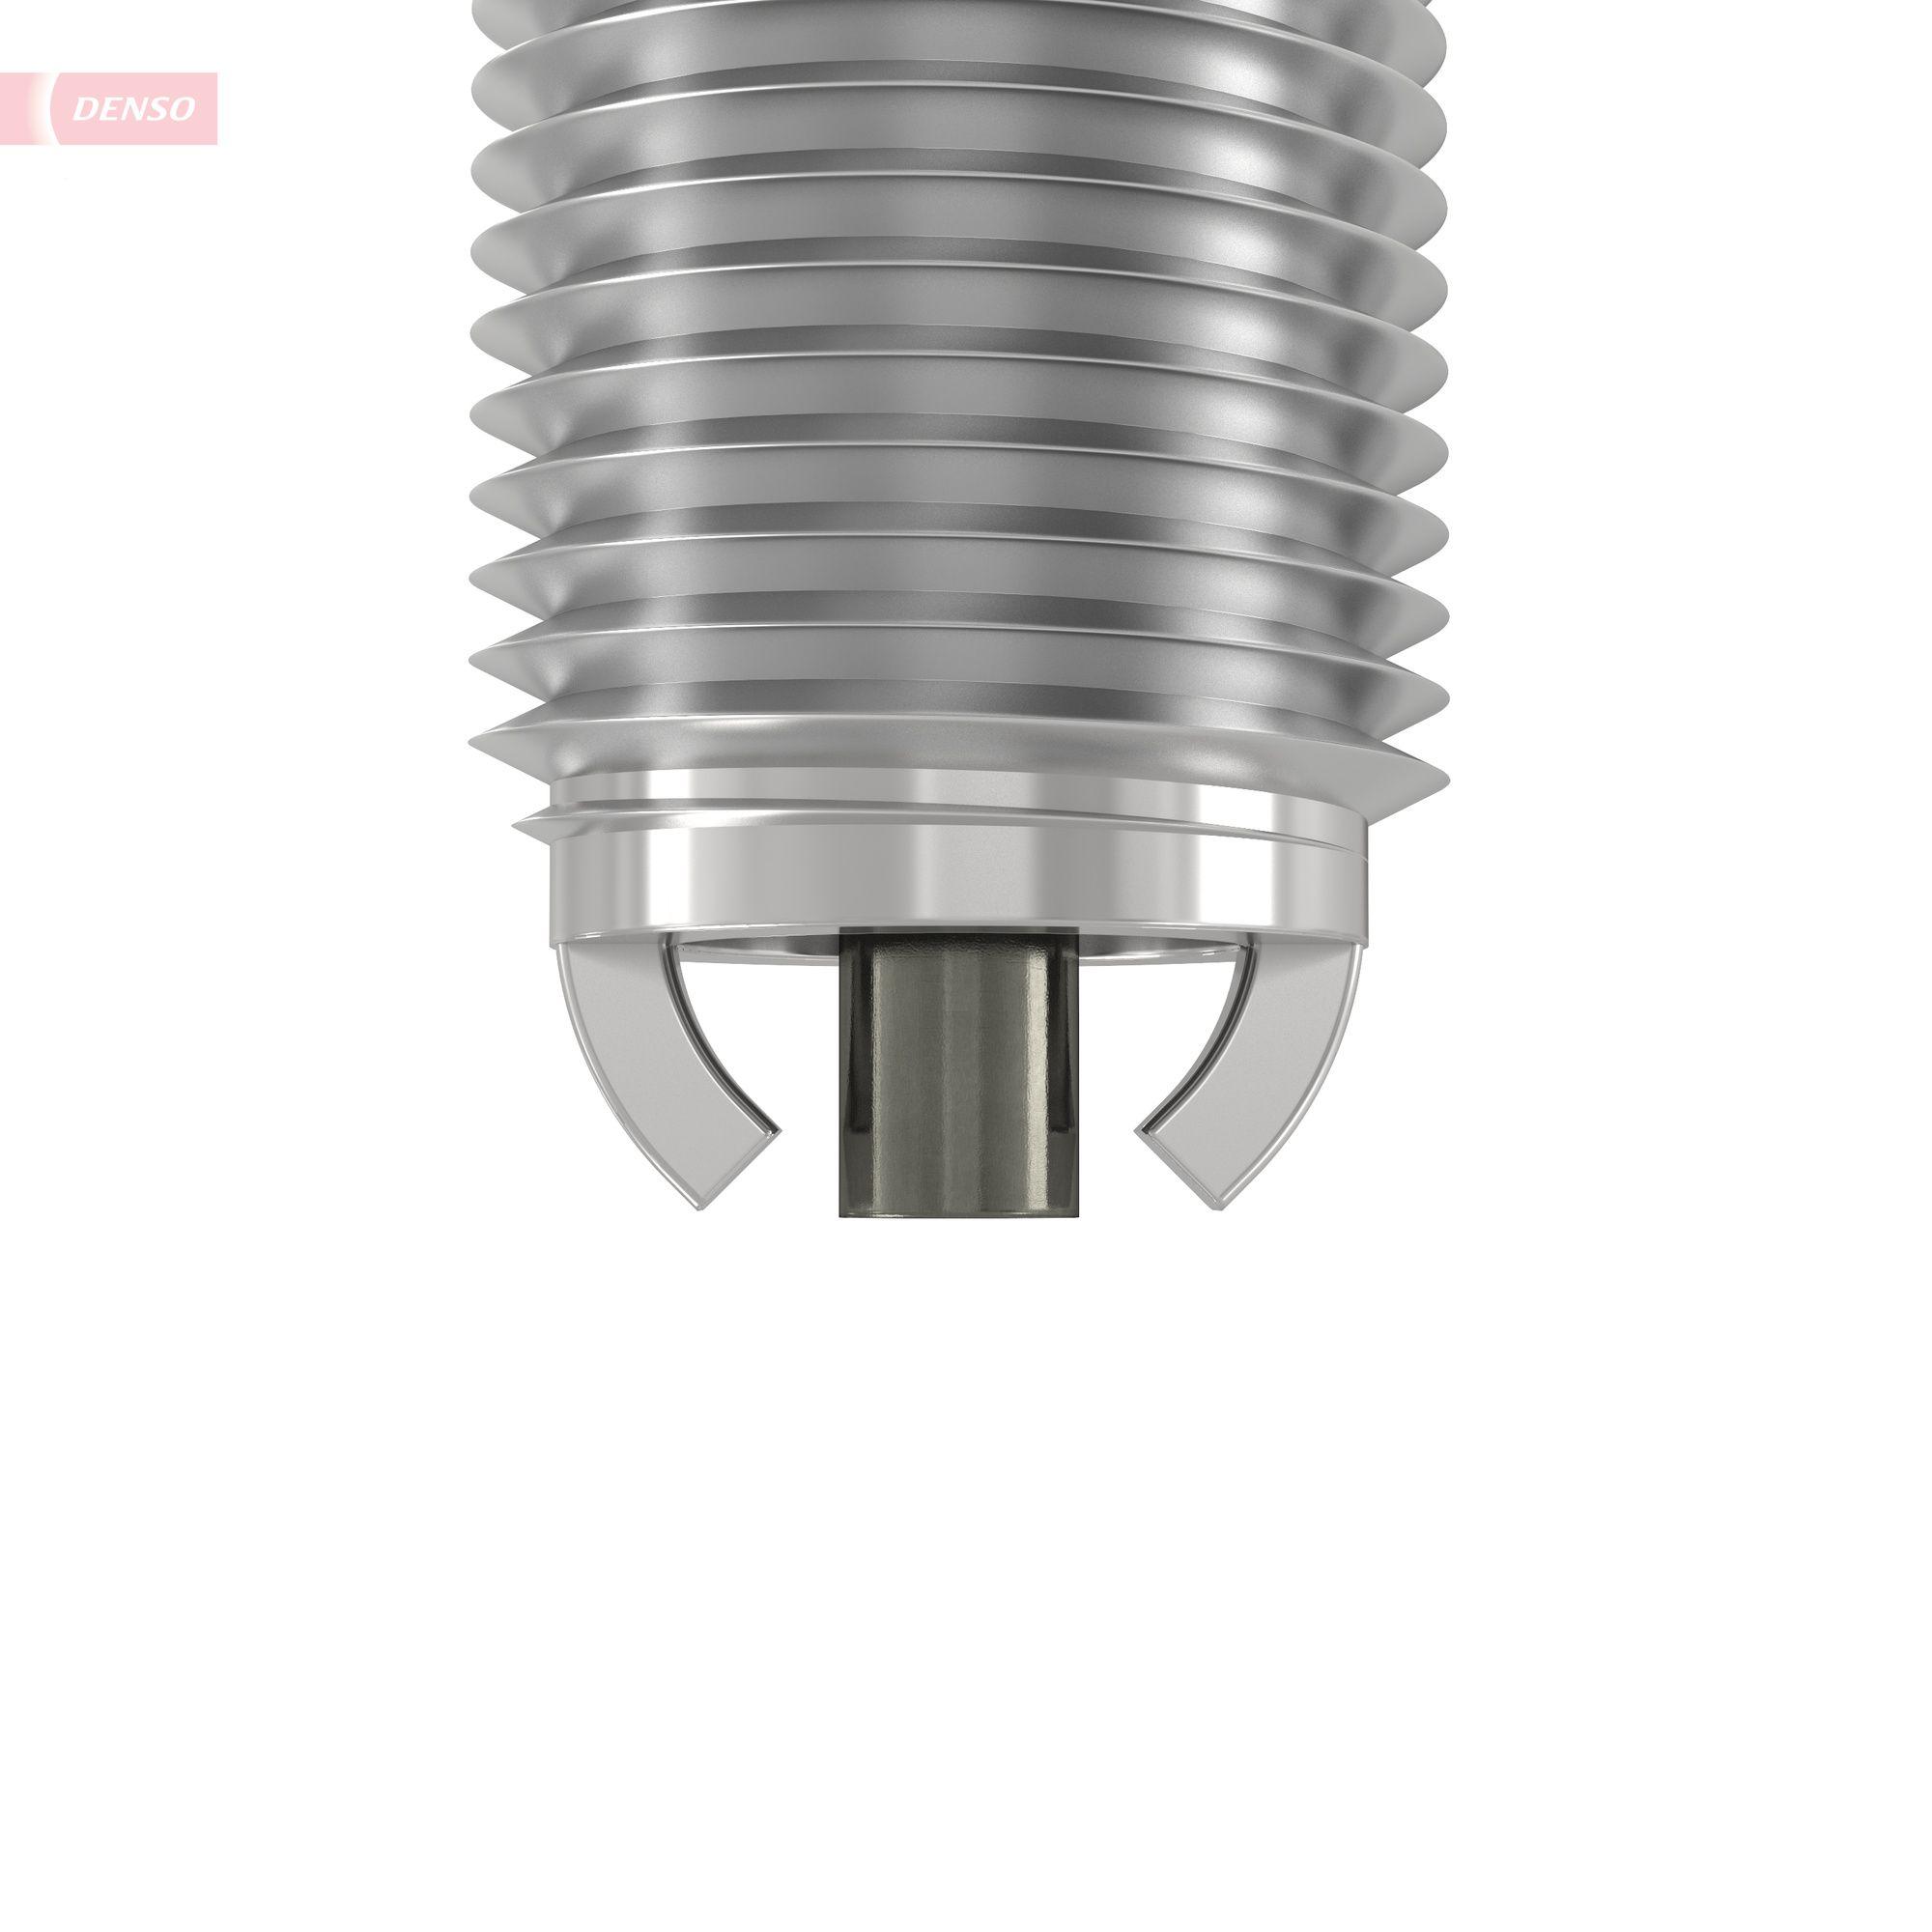 Zapalovací svíčka U24ETR ve slevě – kupujte ihned!